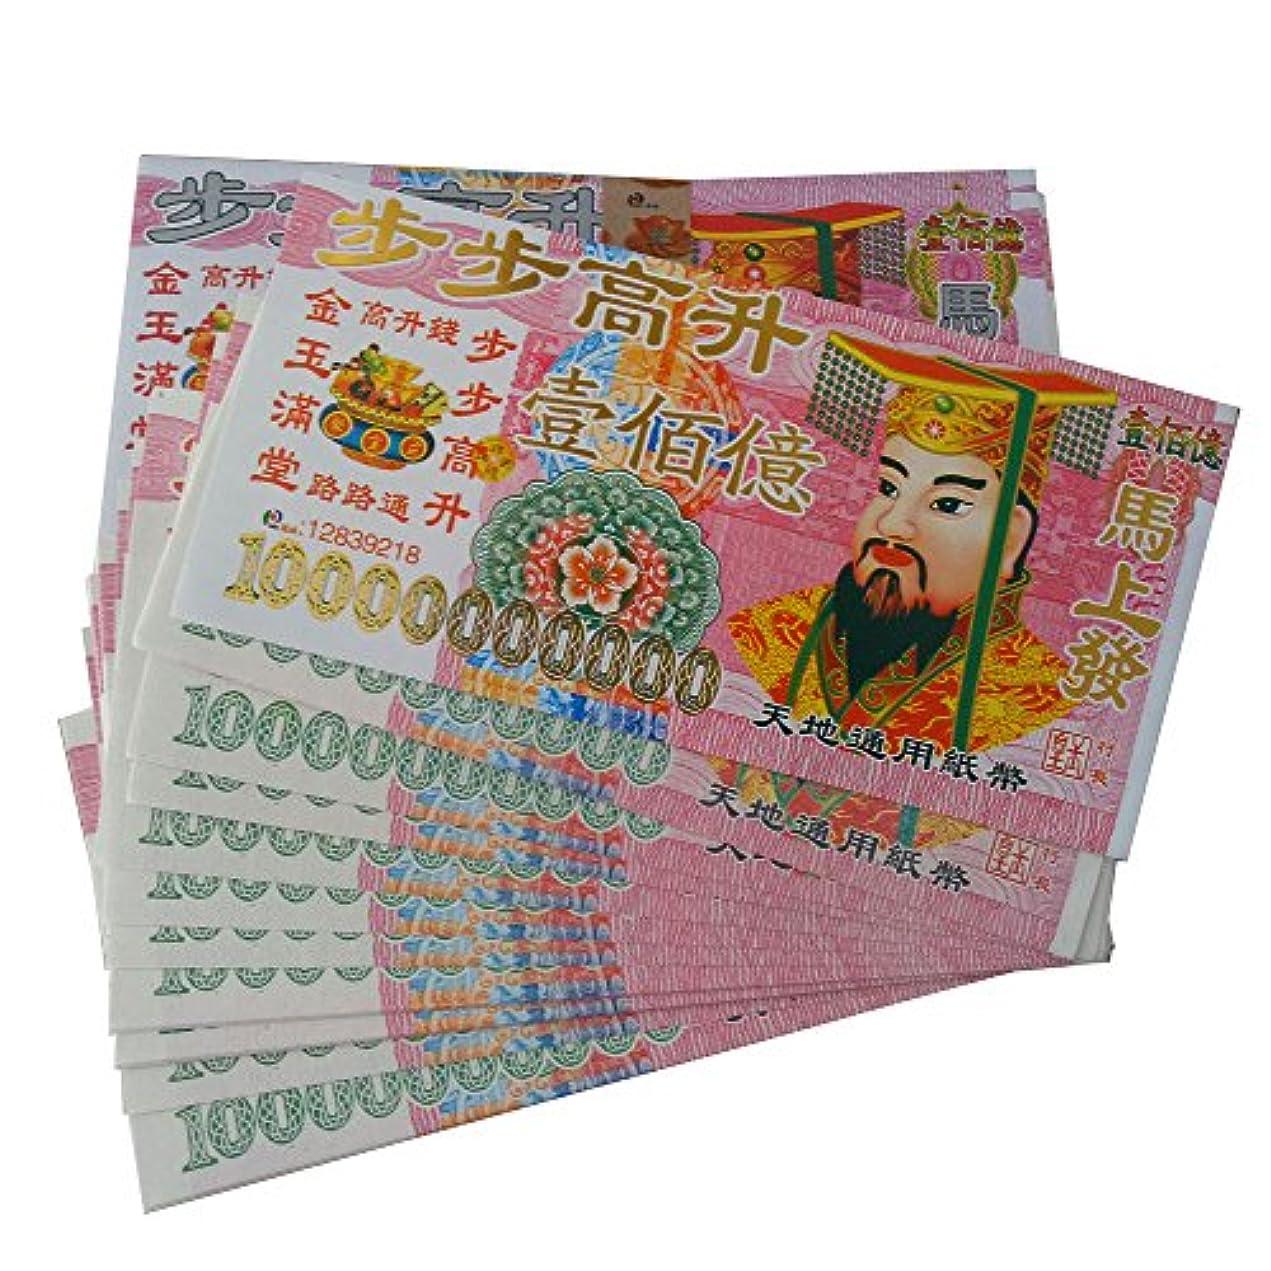 バレエ校長無視zeestar Chinese Joss Paper Money Hell Bank Note $ 10,000,000,000 9.8インチx 5.1インチ(パックof 120 )